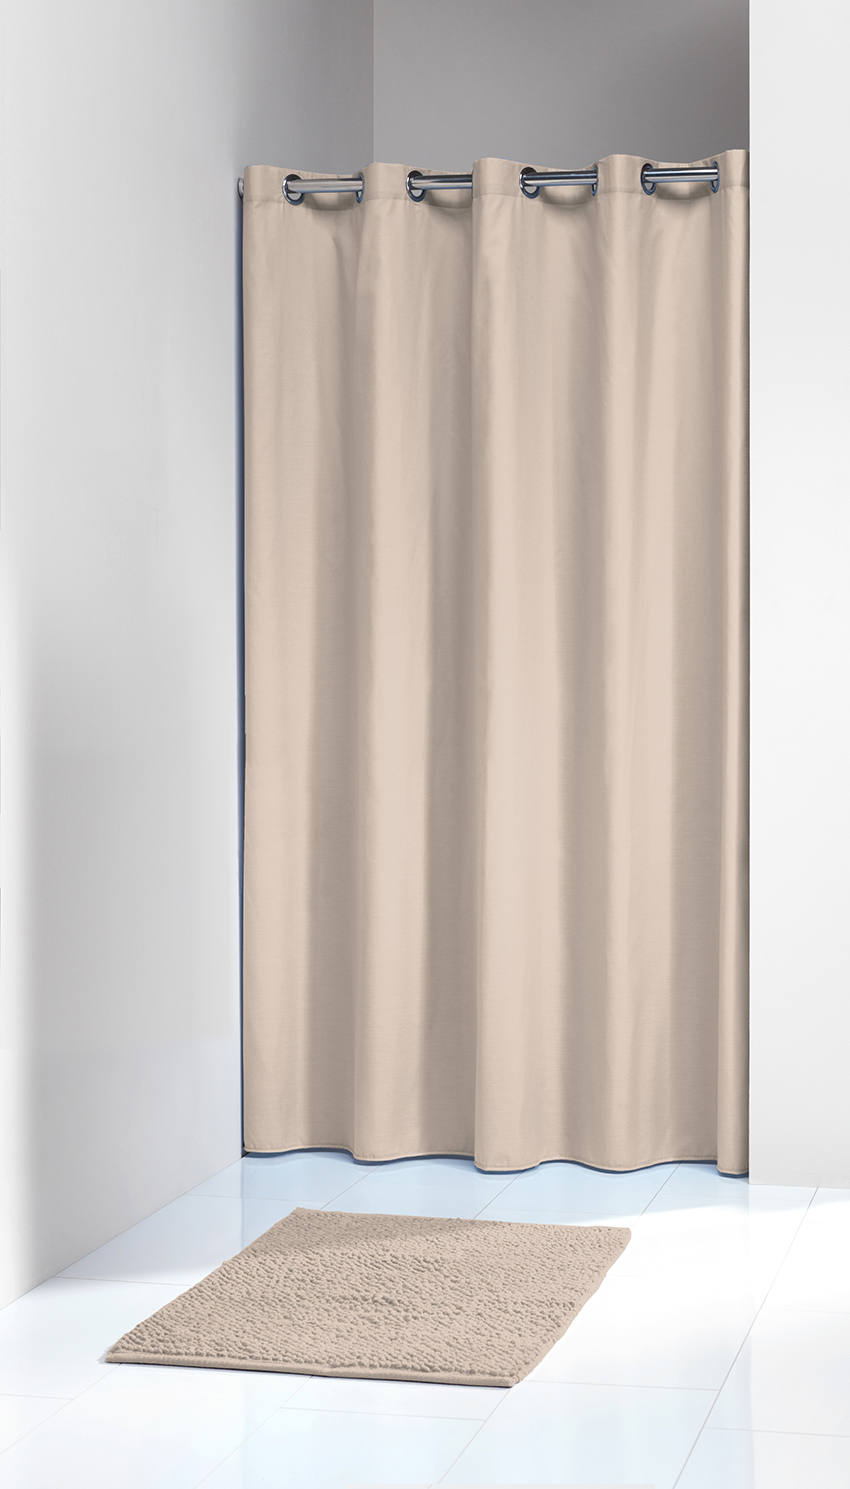 Κουρτίνα Υφασμάτινη «Coloris Ecru» 180×200εκ. Sealskin 232211365 – sealskin – 232211365